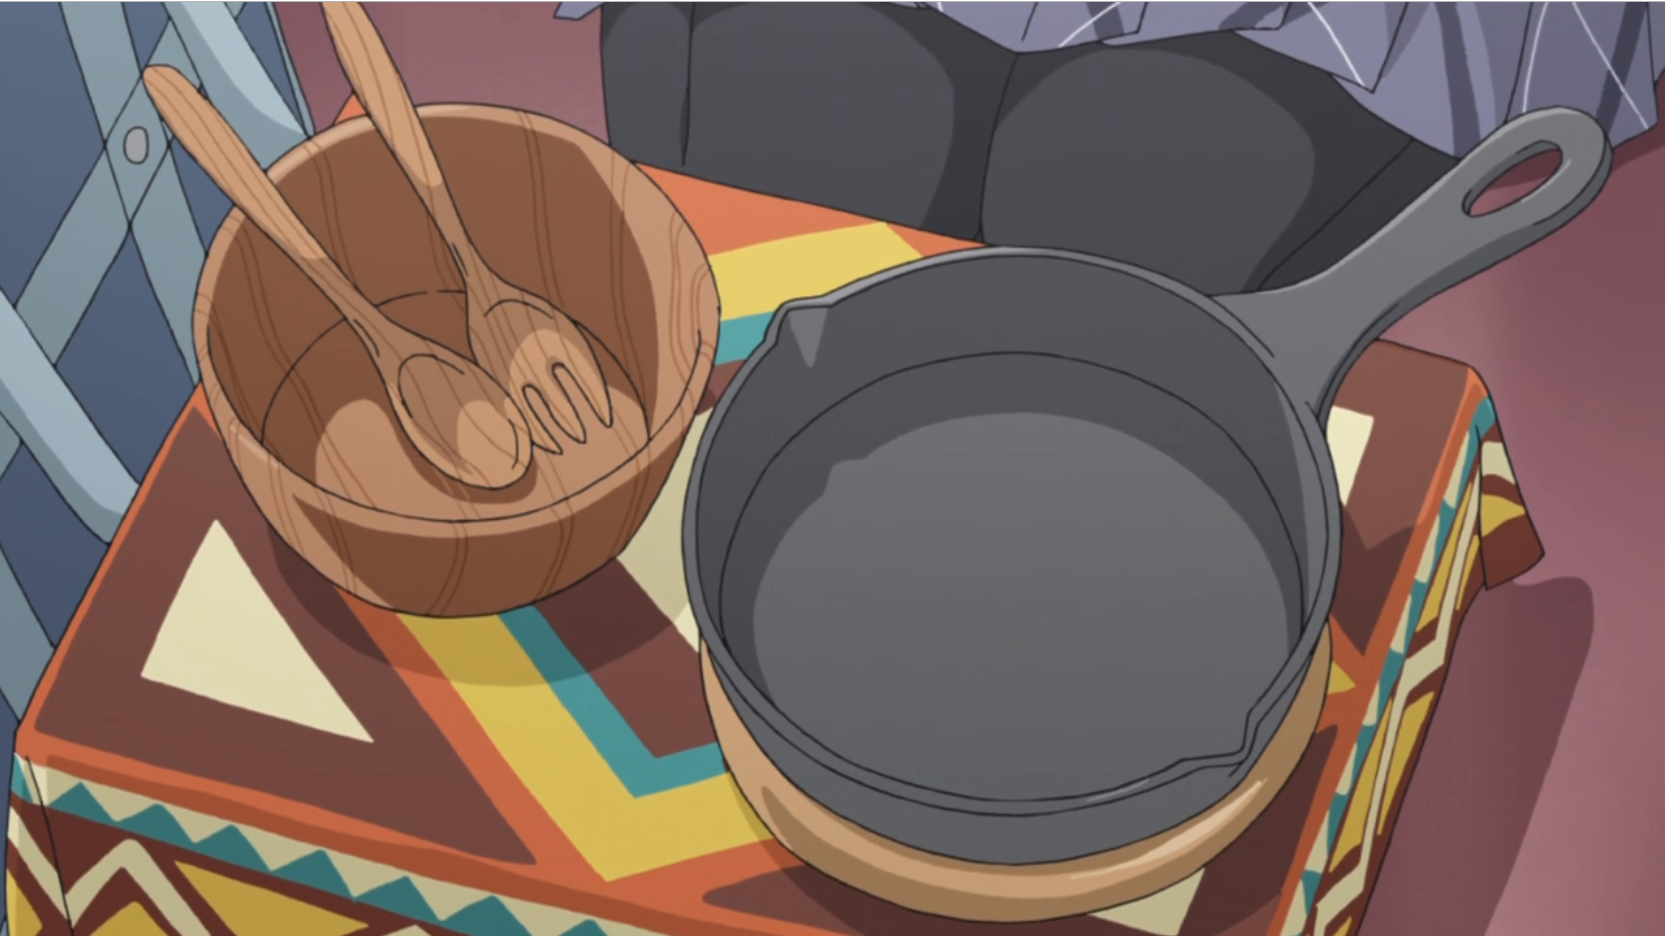 アニメ『ゆるキャン△』8話のスキレットや木皿たち